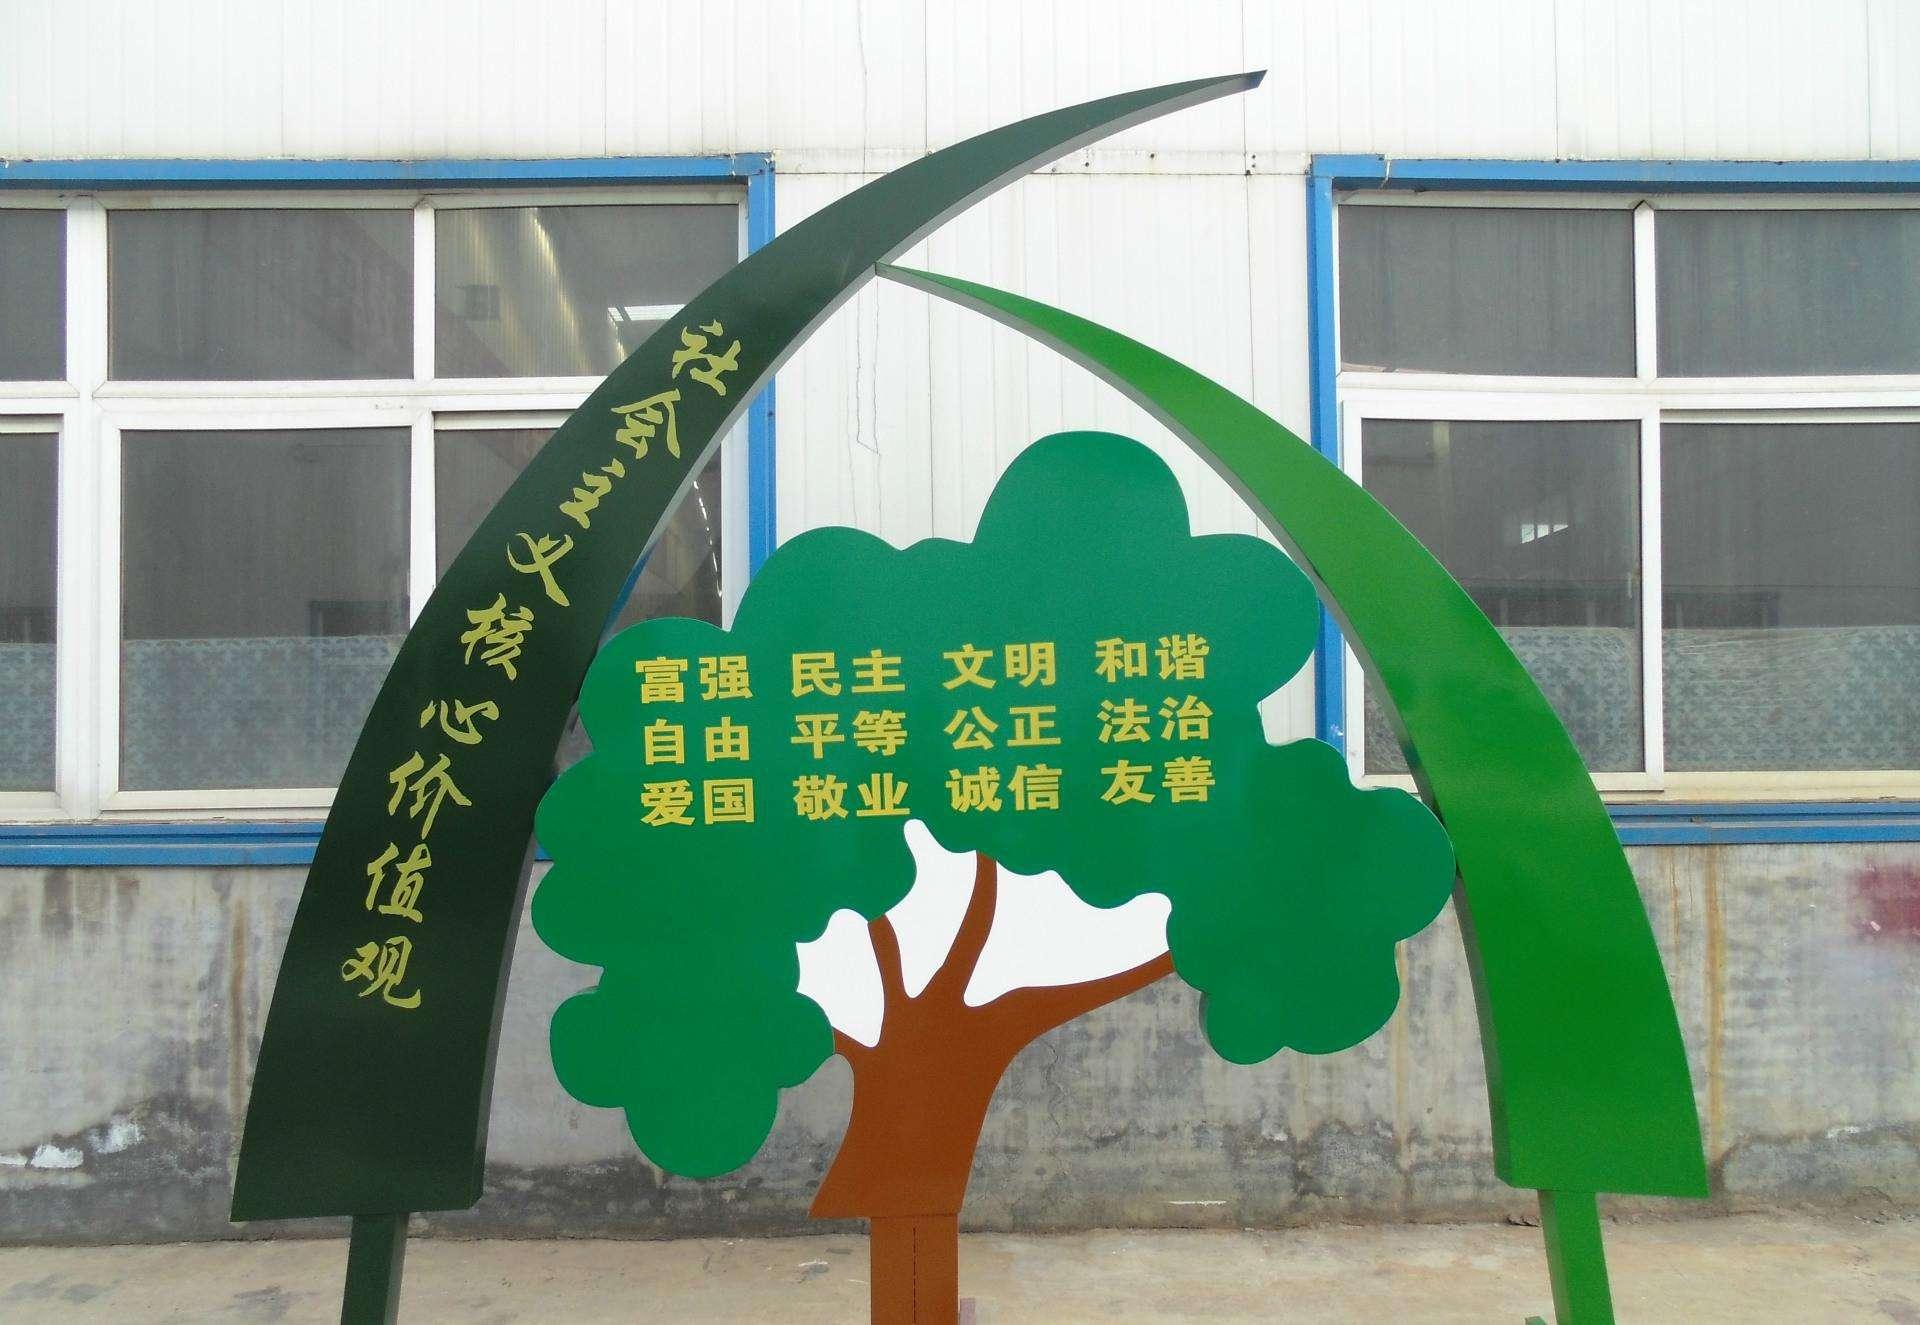 北京价值观标牌公司热线电话